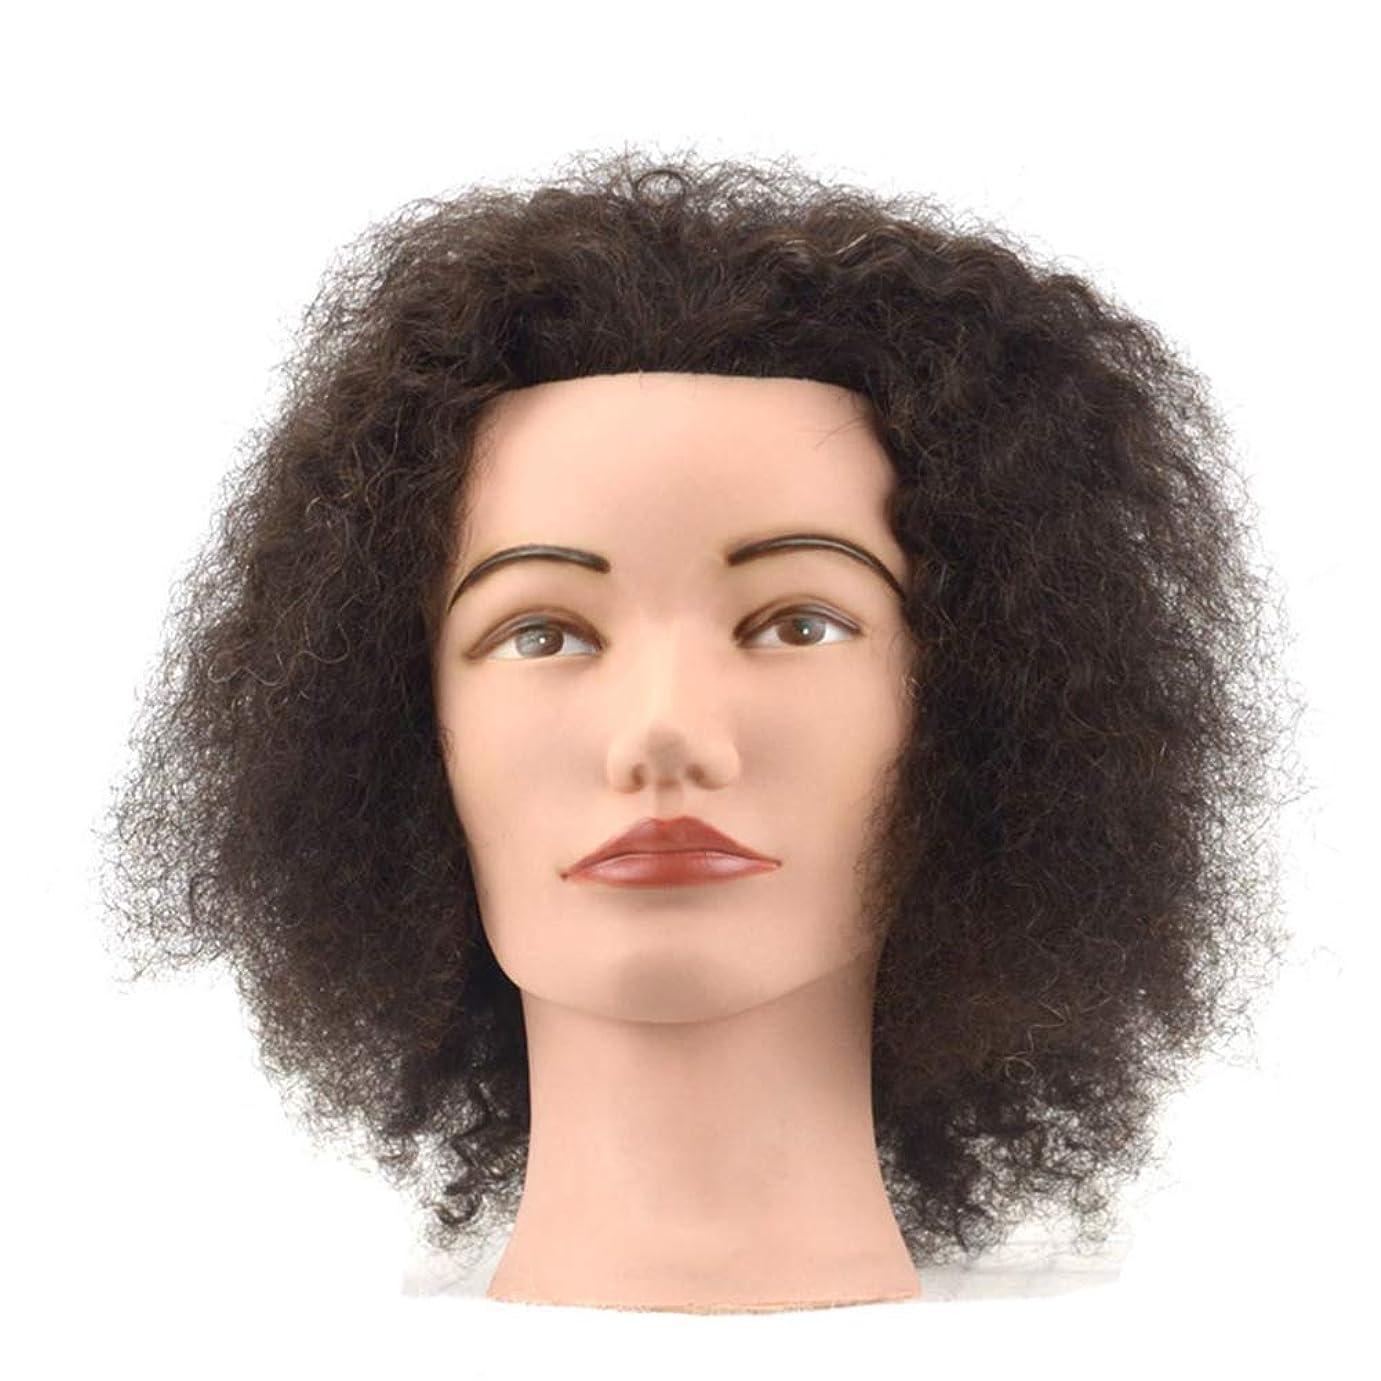 ビート正直変なナチュラルブラック爆発カーリーヘッド型リアル人間の髪の毛トレーニングモデルヘッド編組編組演習ダミーヘッド